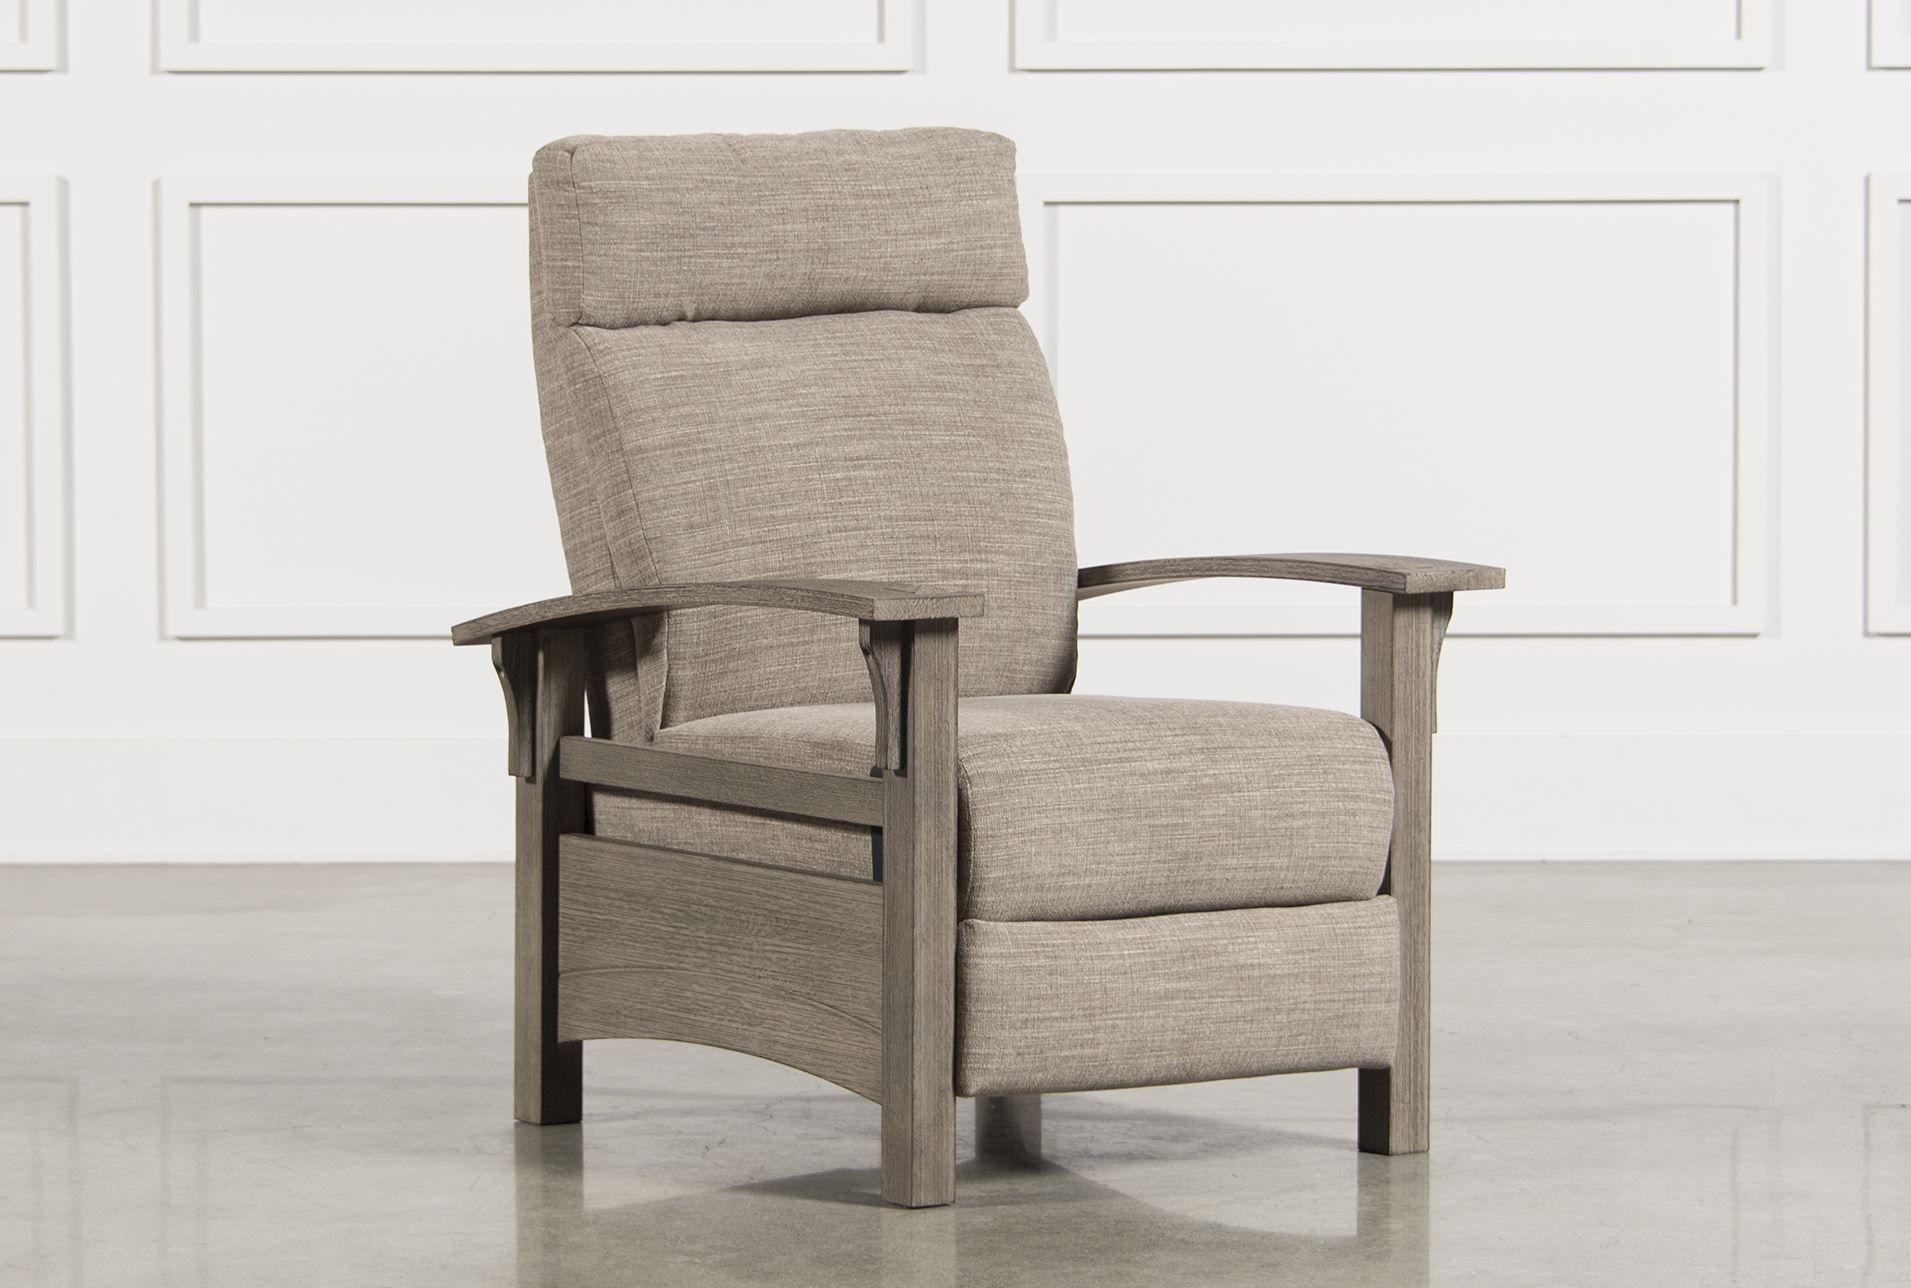 Power High Leg Recliner, Earl, Grey, Chairs | Recliner, Office ...